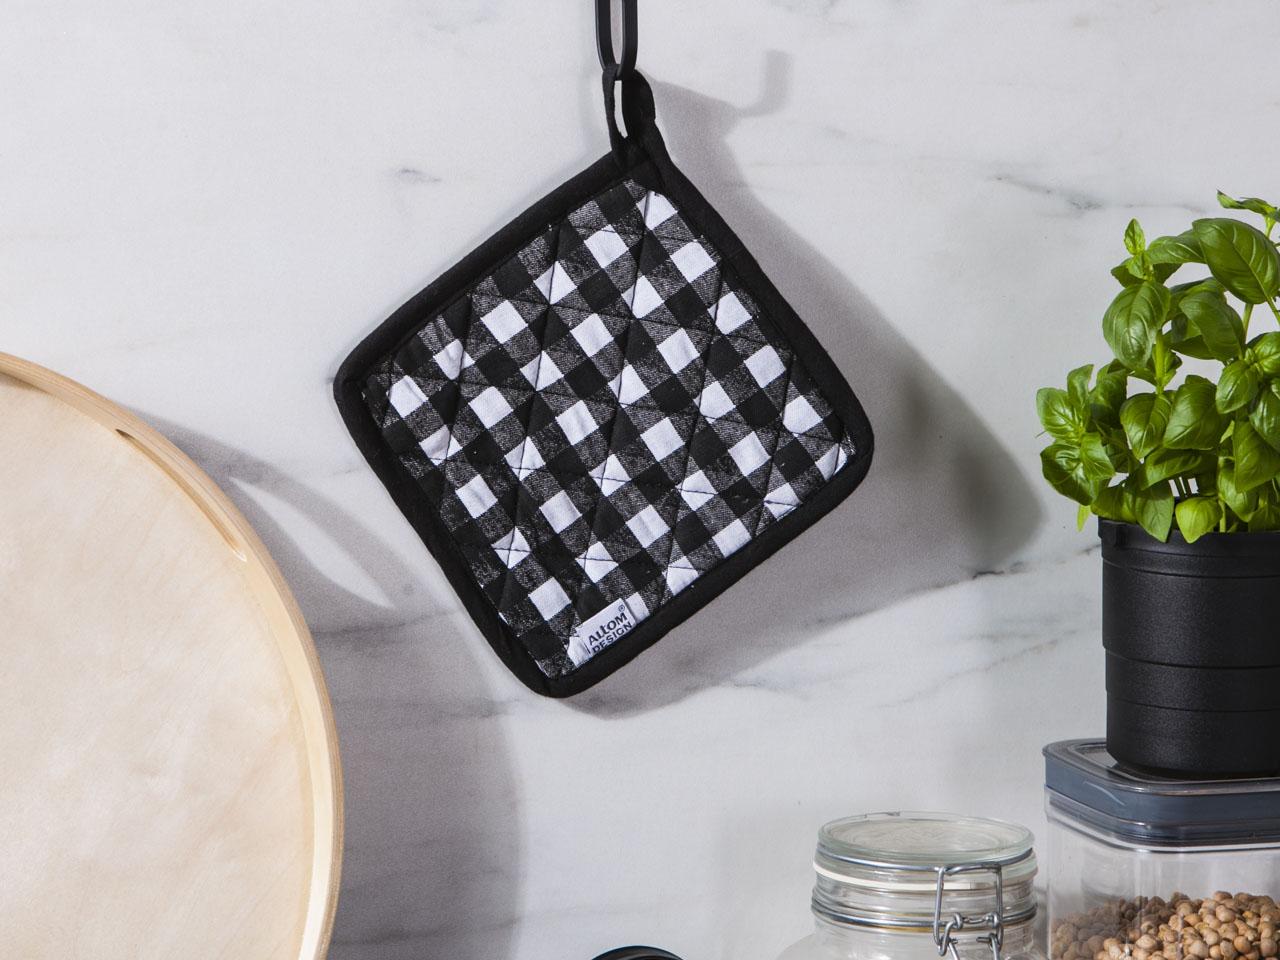 Łapka kuchenna bawełniana Altom Design Miłość w Kratkę 18 cm